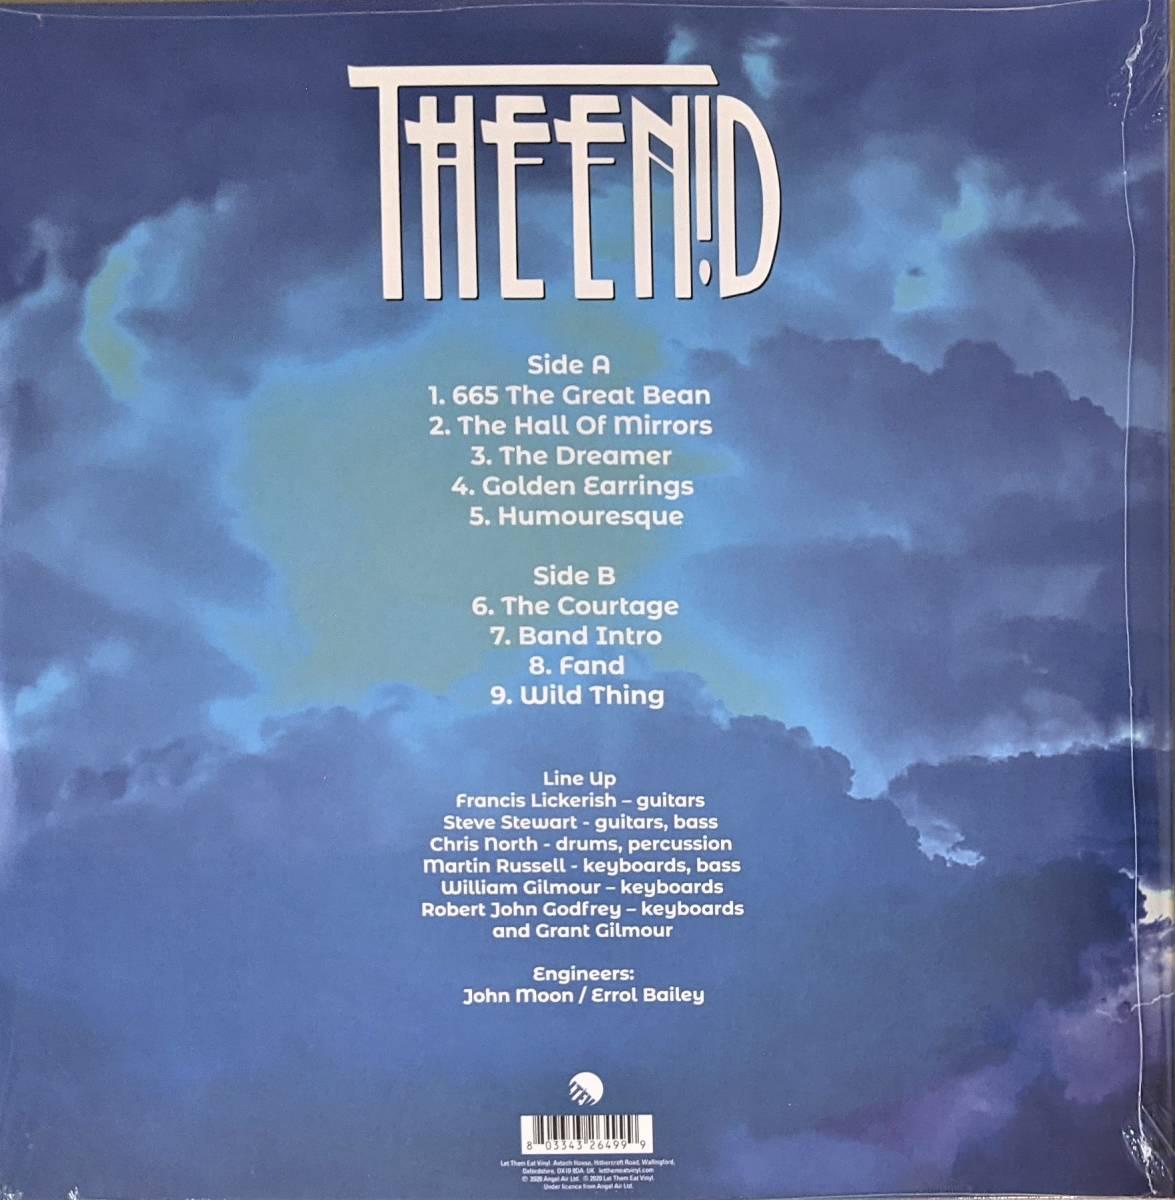 The Enid エニド - Live At Loughborough Town Hall, 1980 限定アナログ・レコード